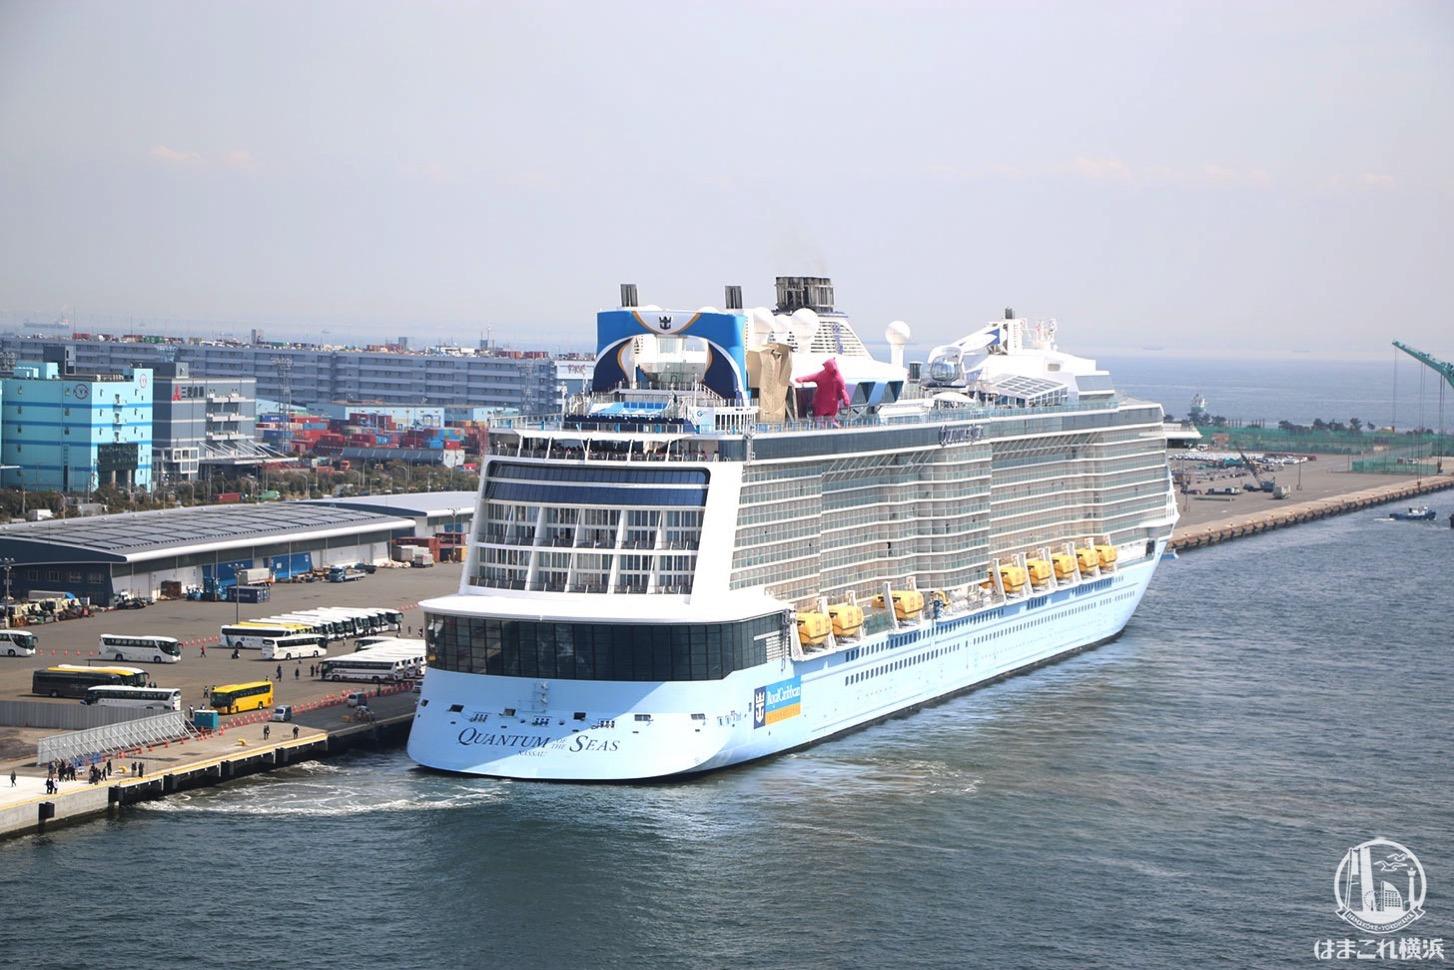 スカイプロムナードから見た客船